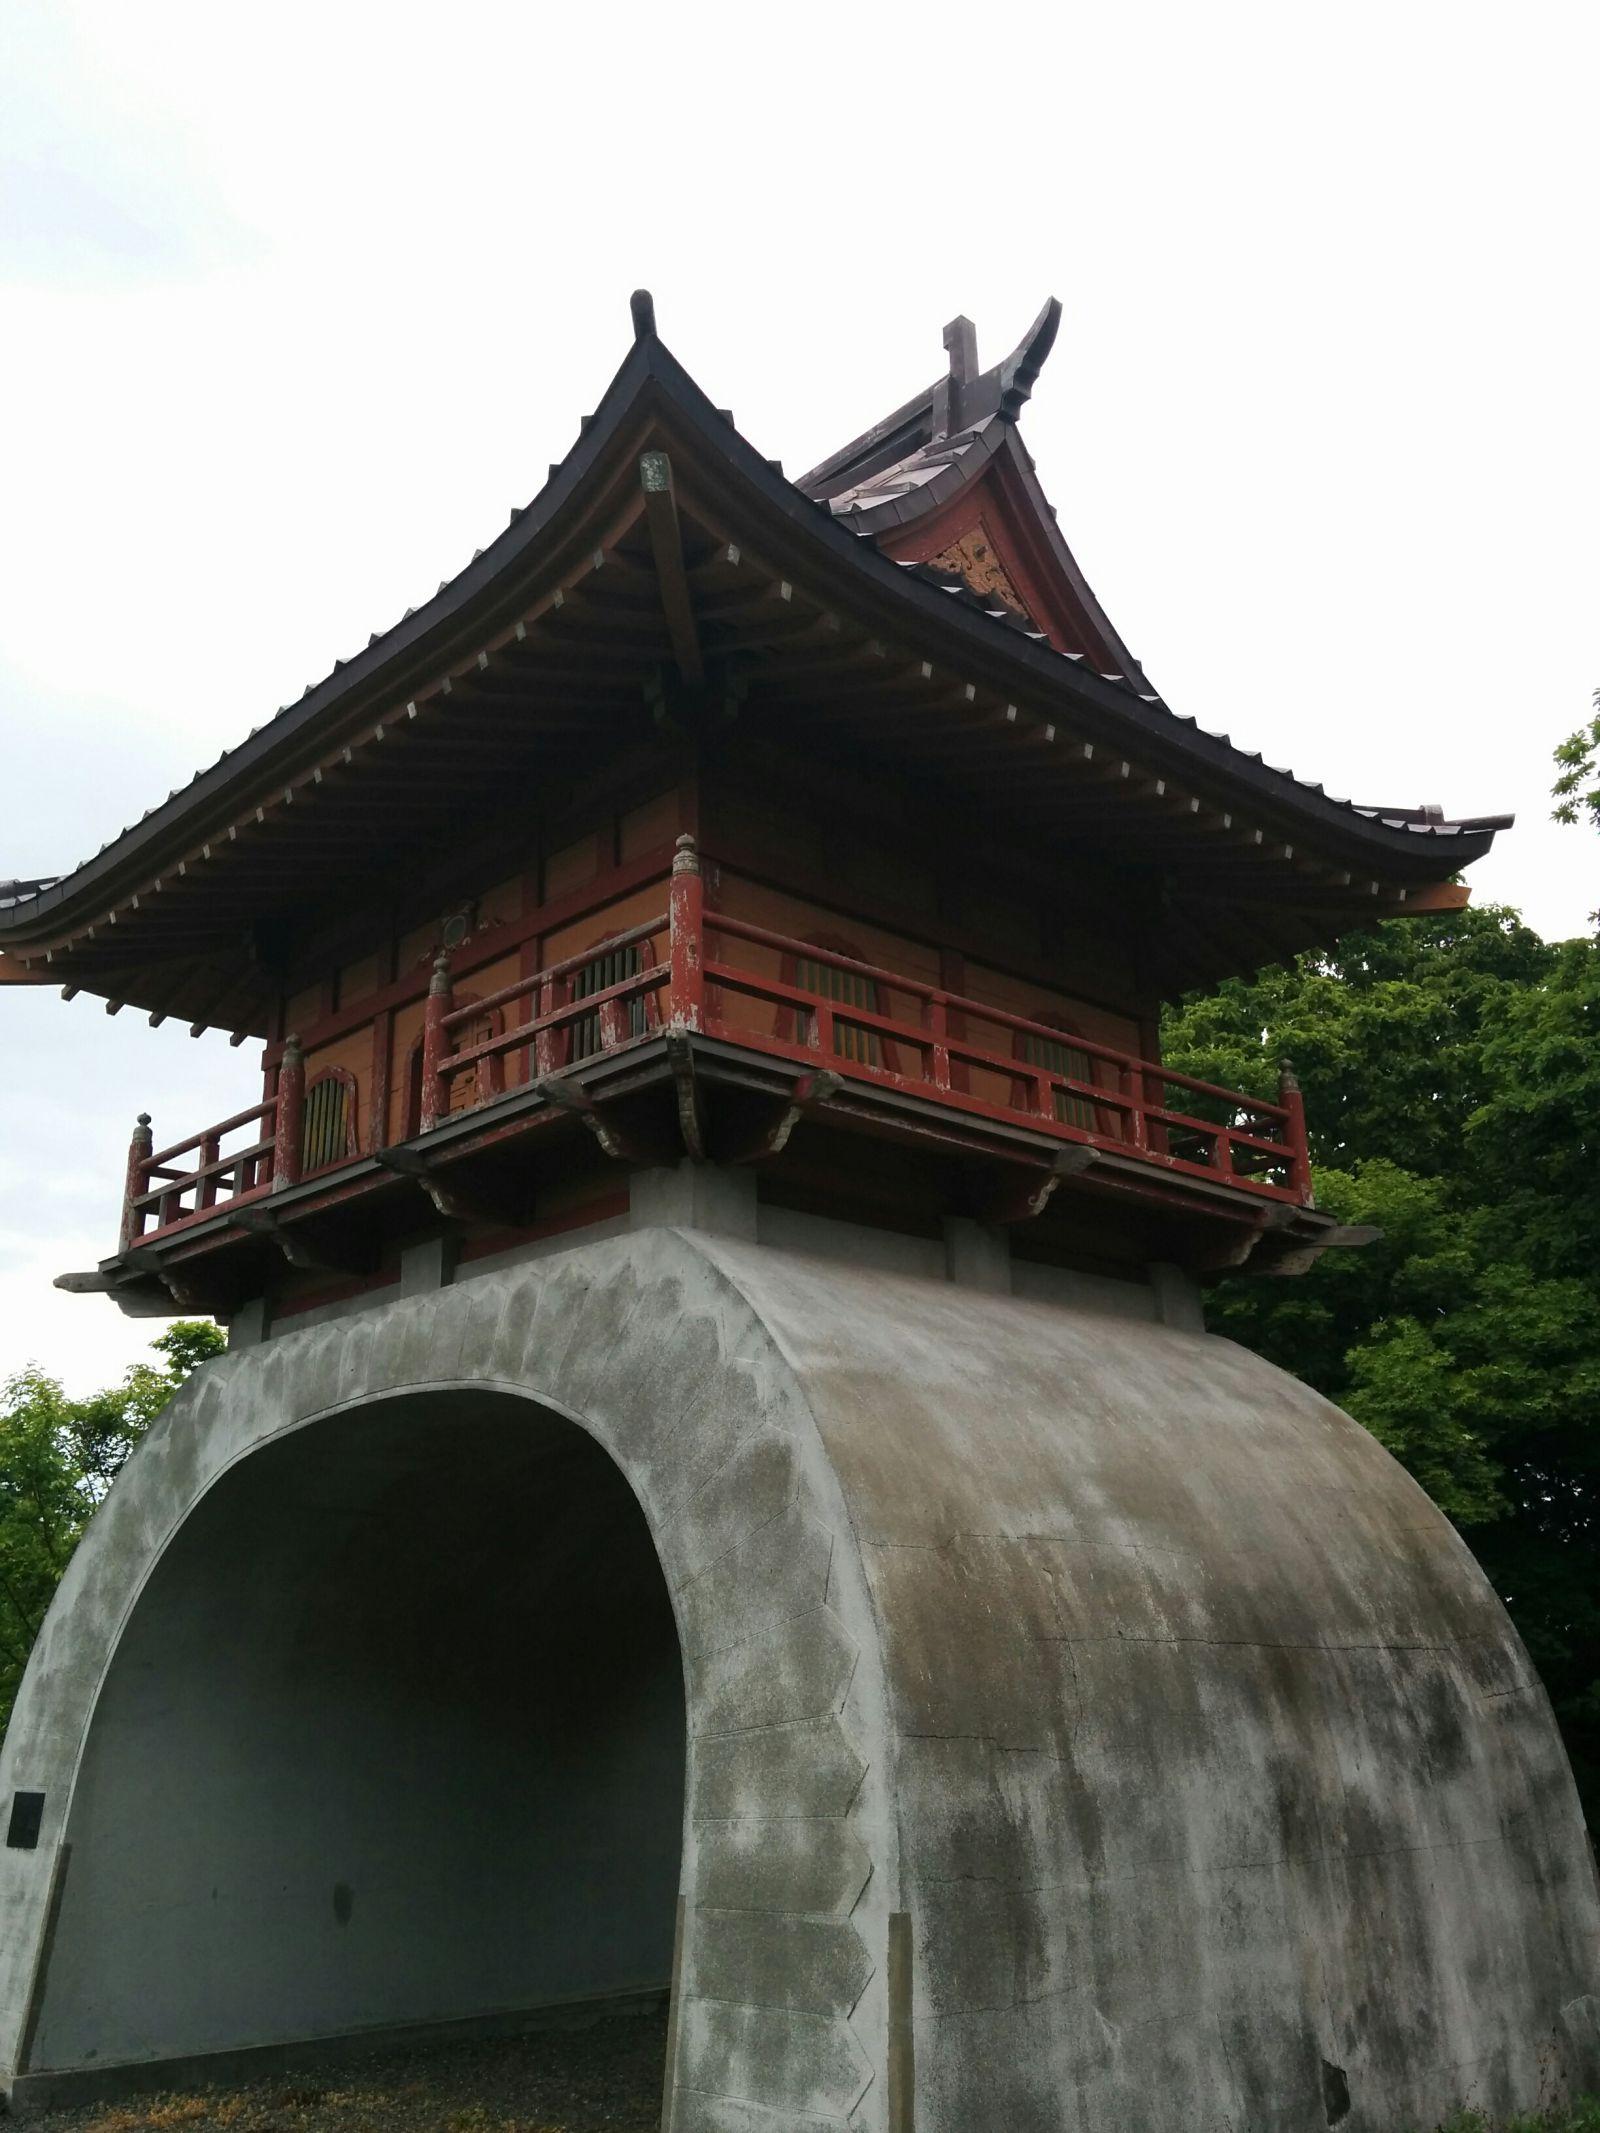 【小樽市】オタモイ海岸入り口・唐門と龍宮閣観光案内です。